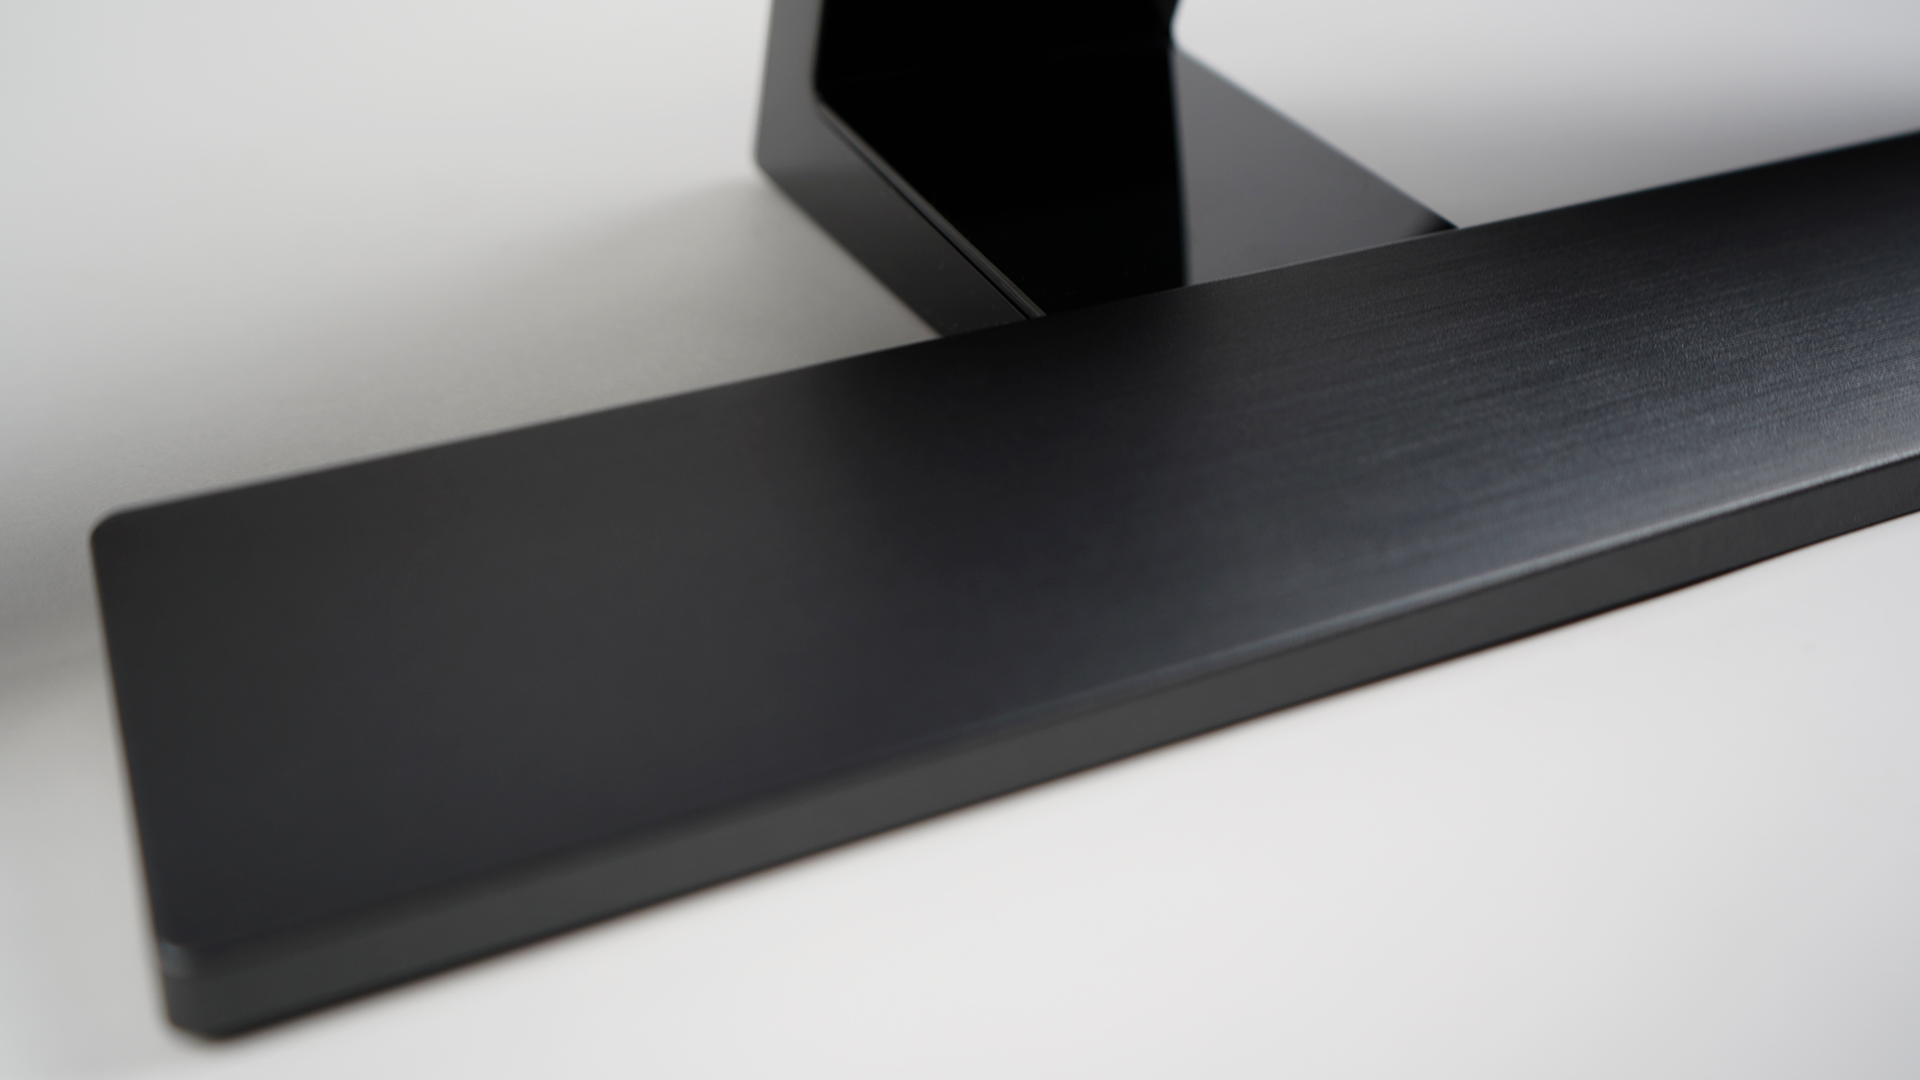 BenQ EL2870U Standfuß Design